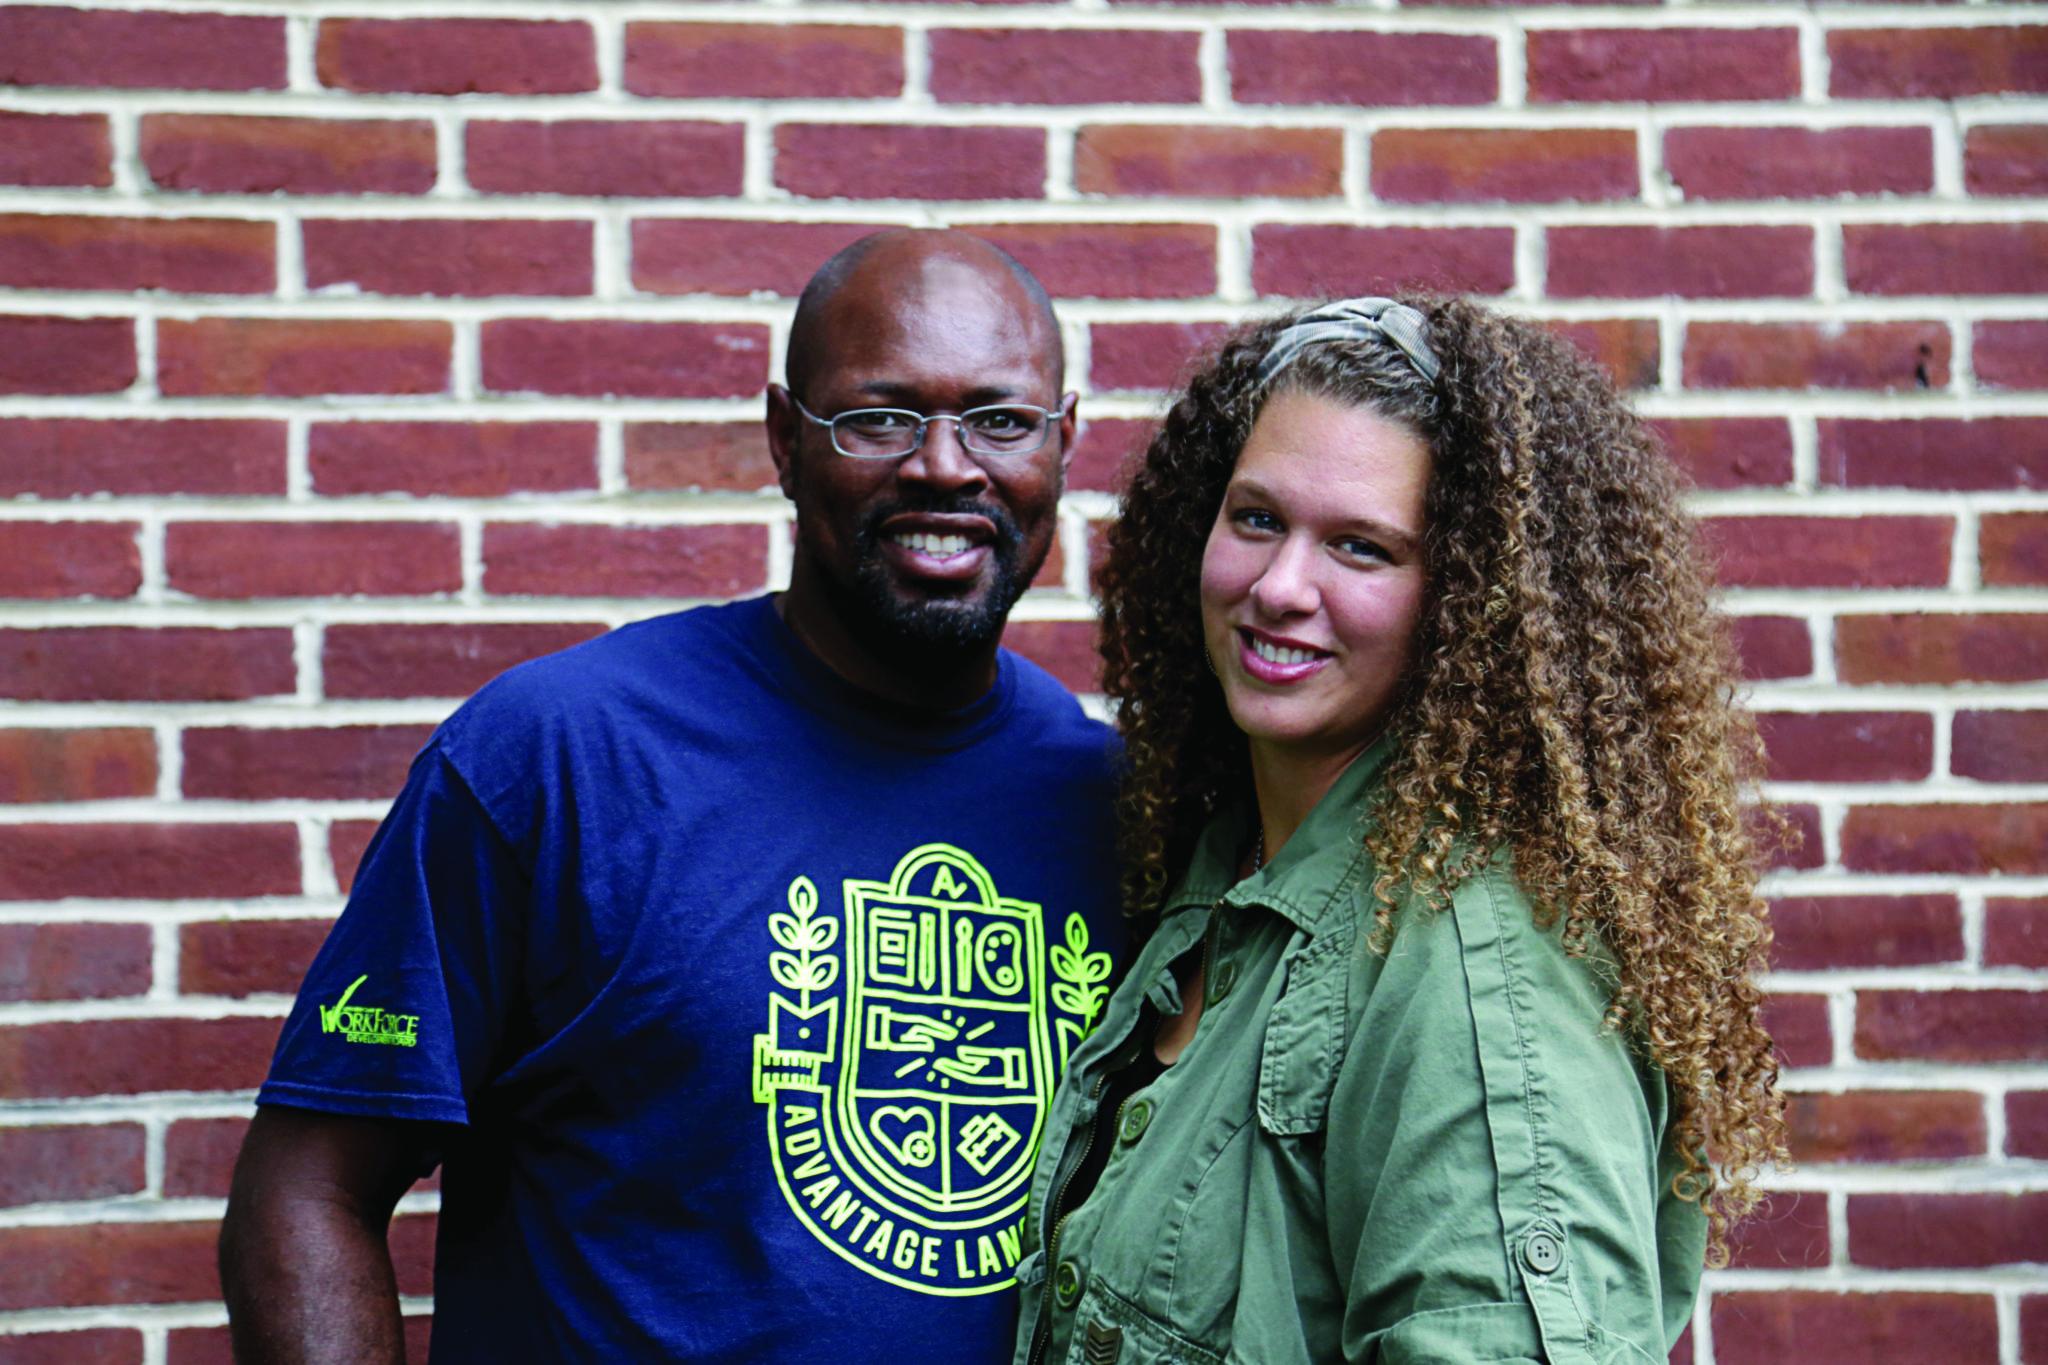 Carrie & Ty Bair